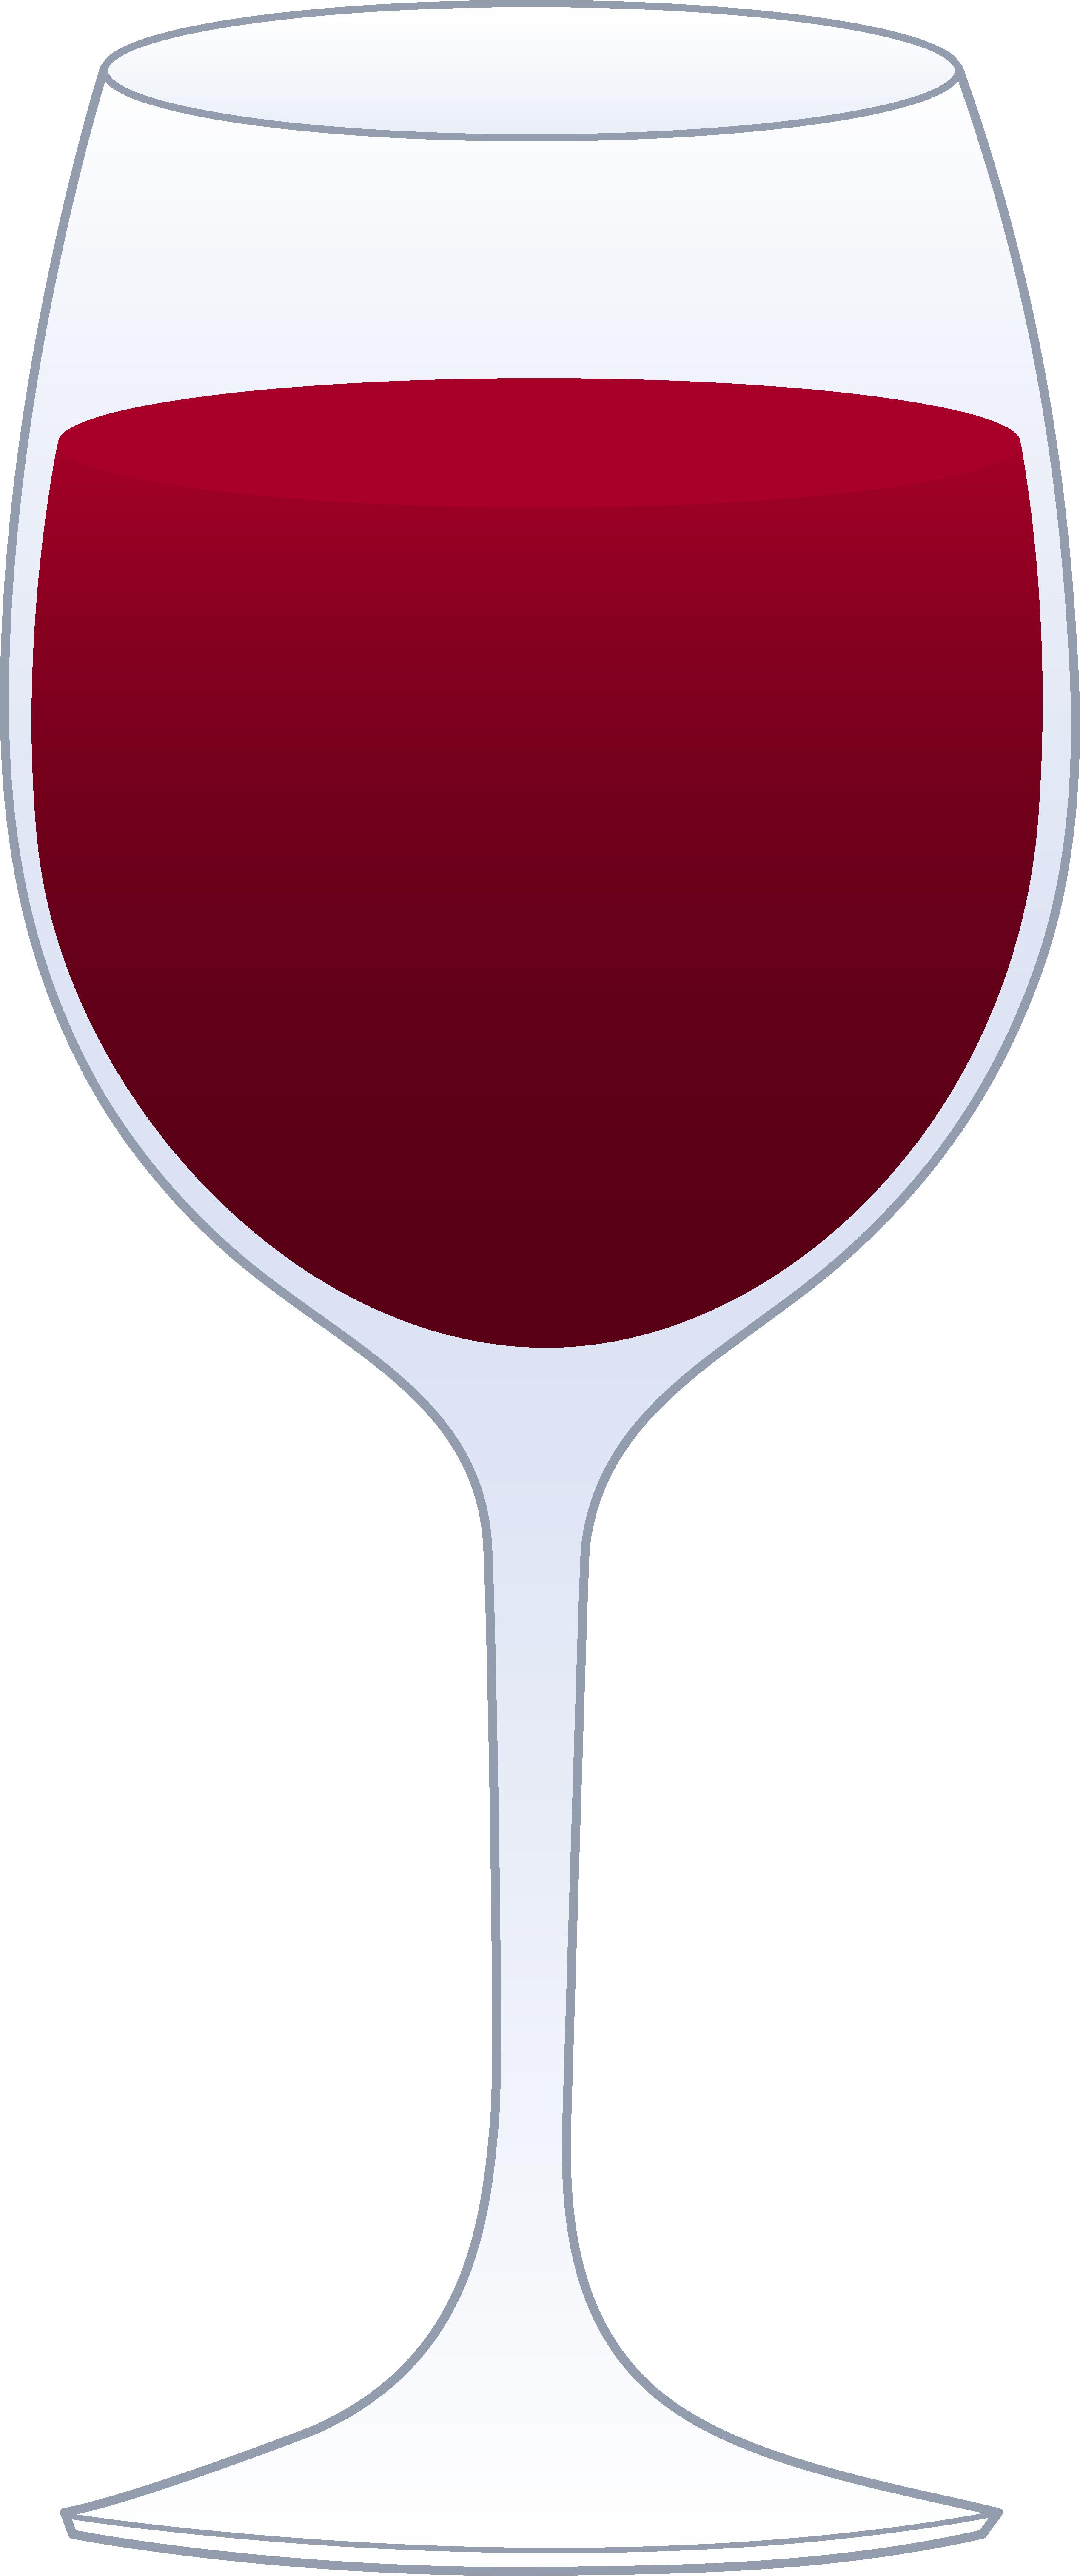 Wine Clip Art-Wine Clip Art-4